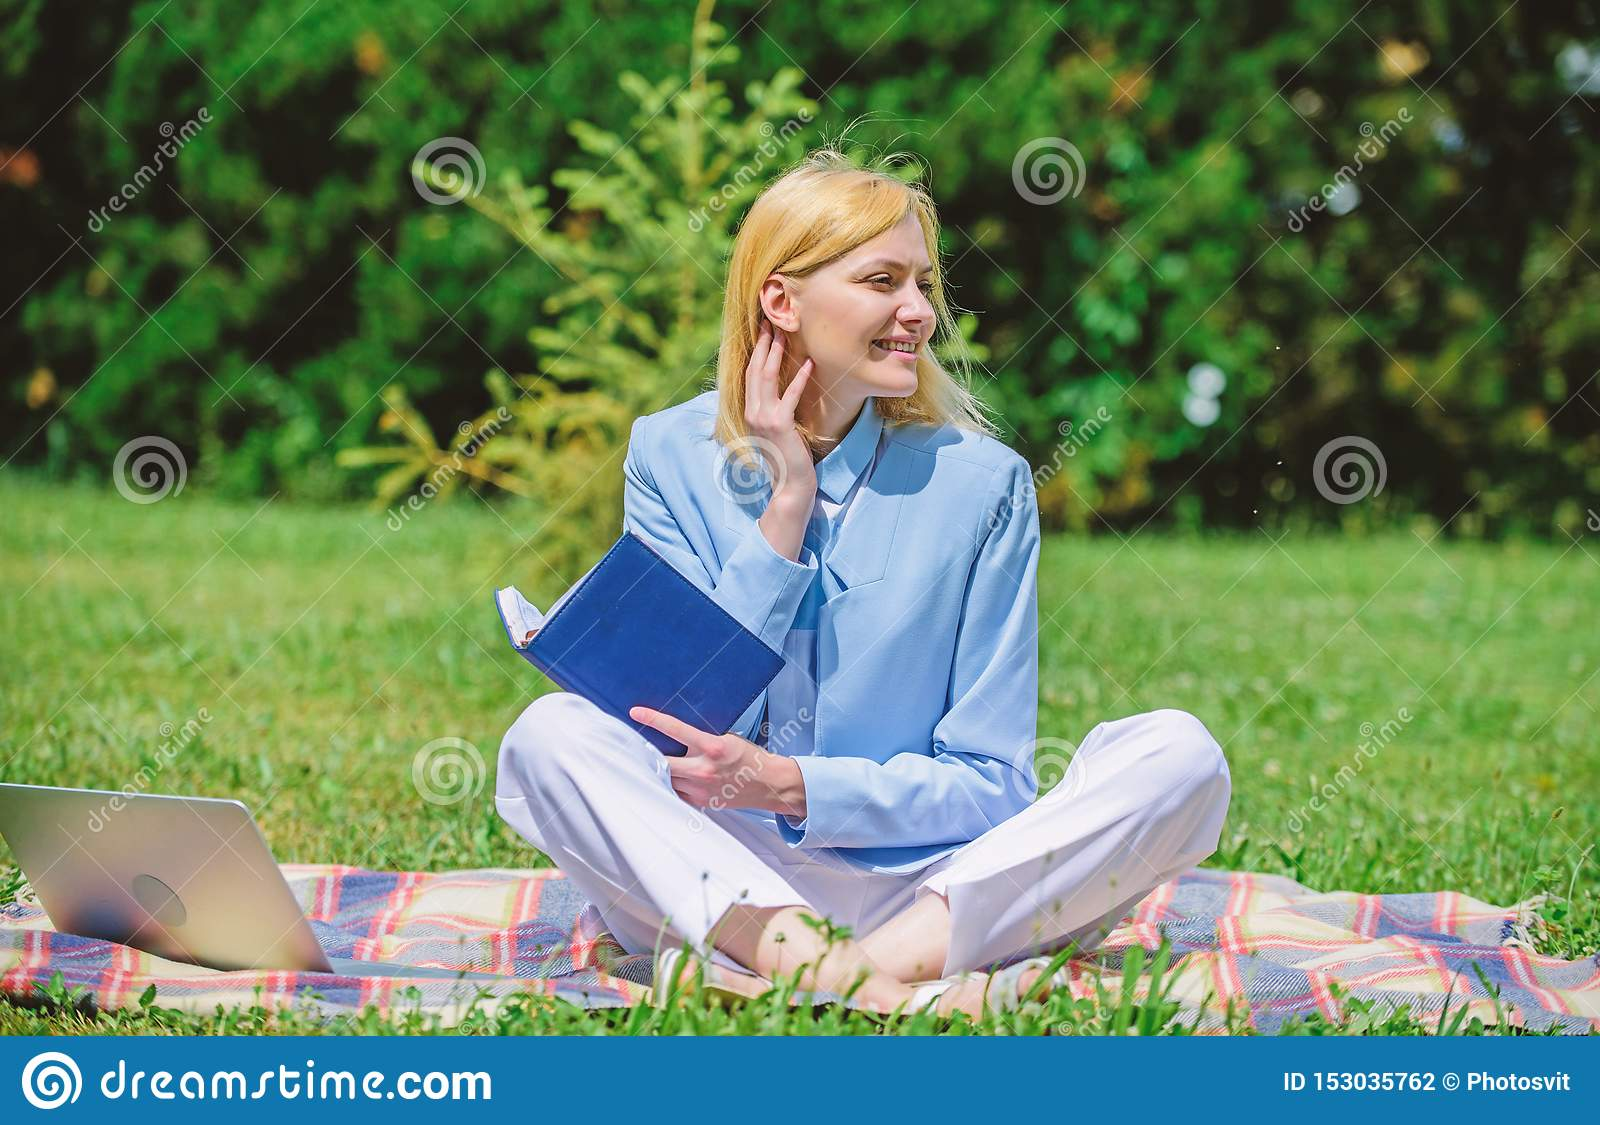 On-line-Gesch?ftsideenkonzept Frau mit Laptop oder Notizbuch sitzen auf Wolldeckengr?ngraswiese Gesch?ftspicknickkonzept